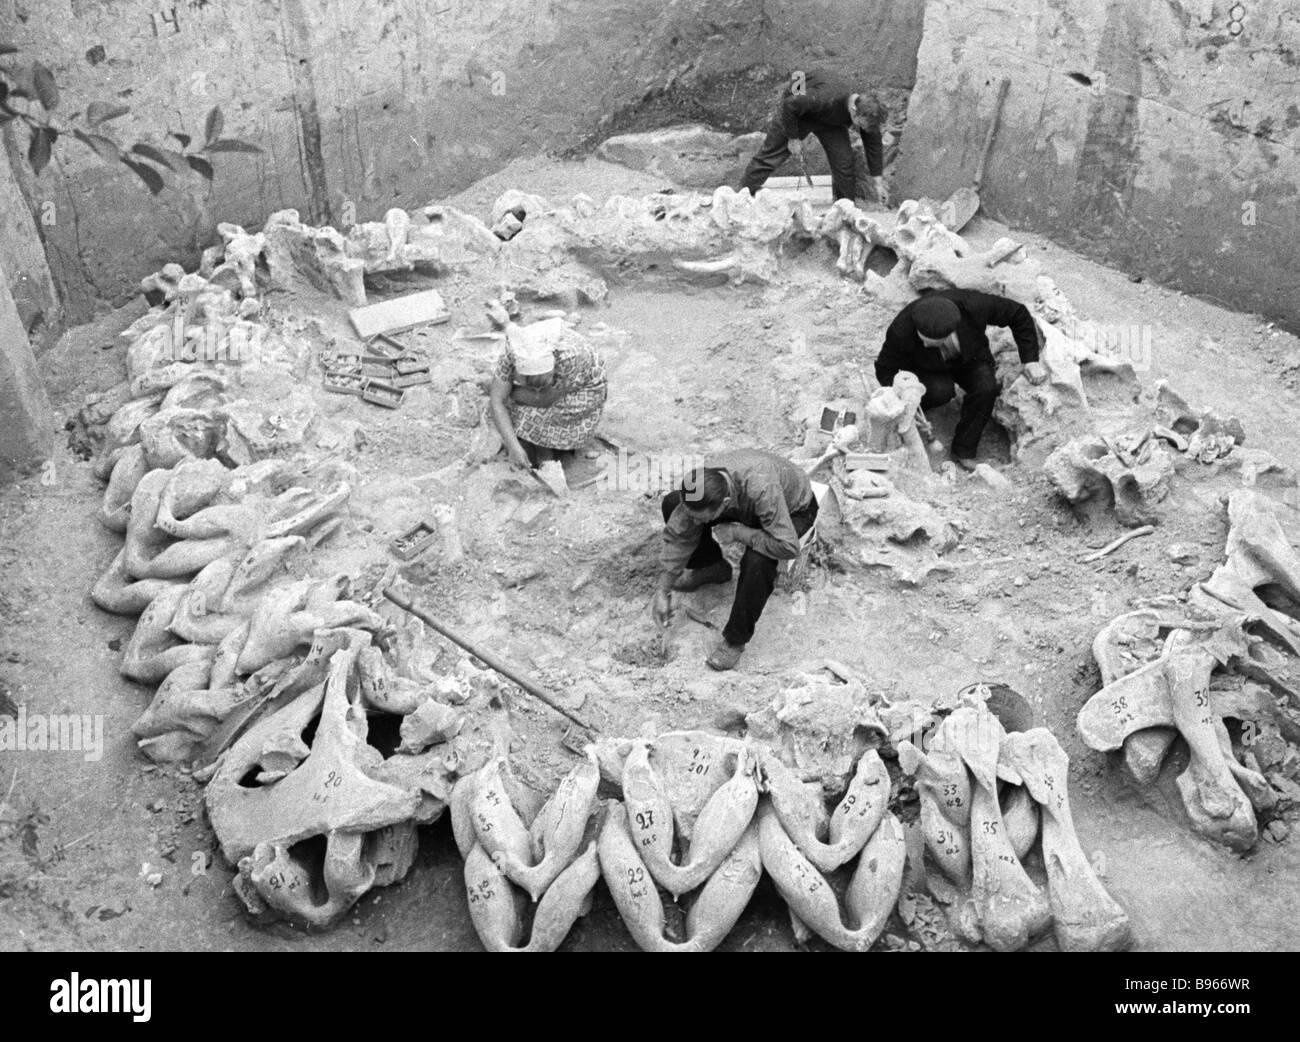 Archeologists excavate a primitive settlement near the Ukrainian village of Mezhyrich - Stock Image